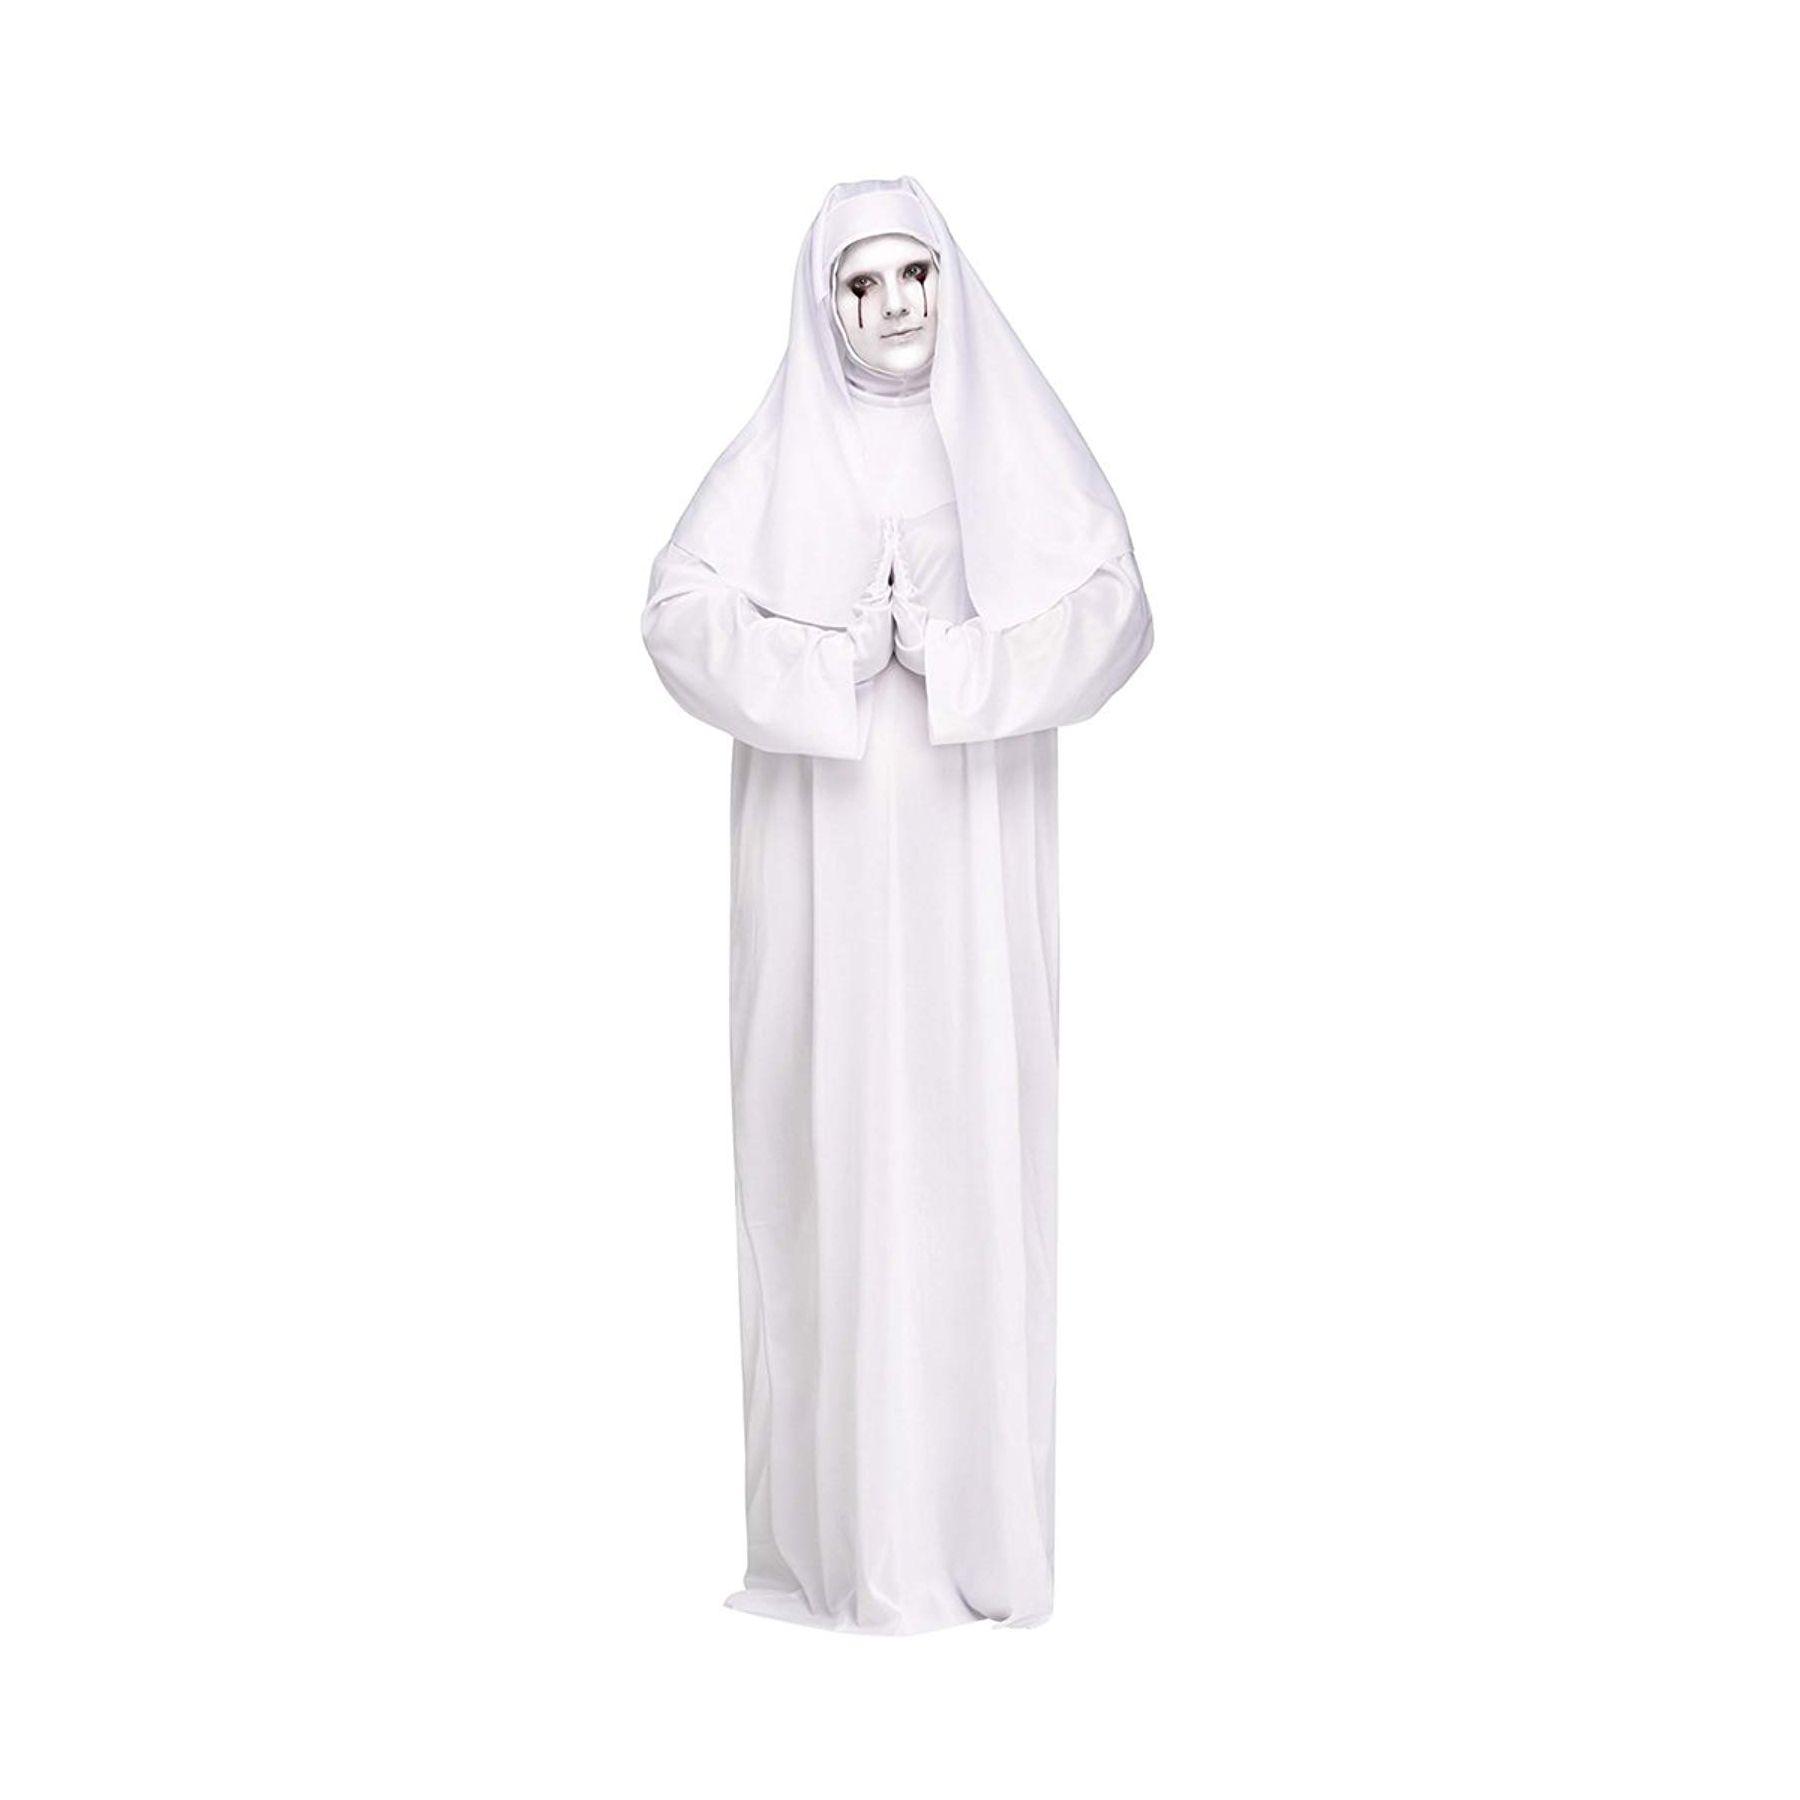 da31d3e26e 25 Scary Halloween Costume Ideas - Scariest Costumes for Women   Men